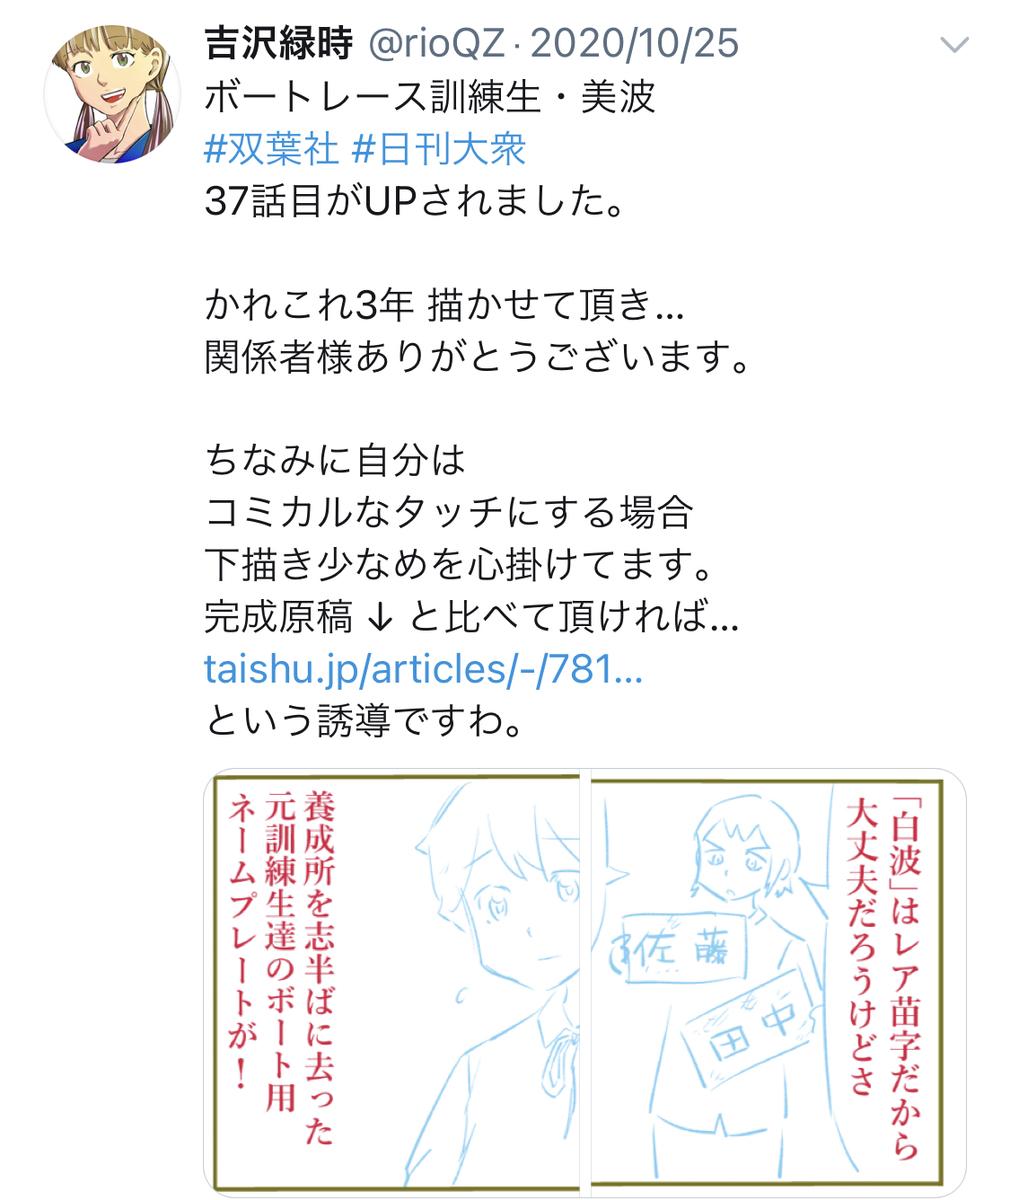 f:id:ryokuji:20210101204217j:plain